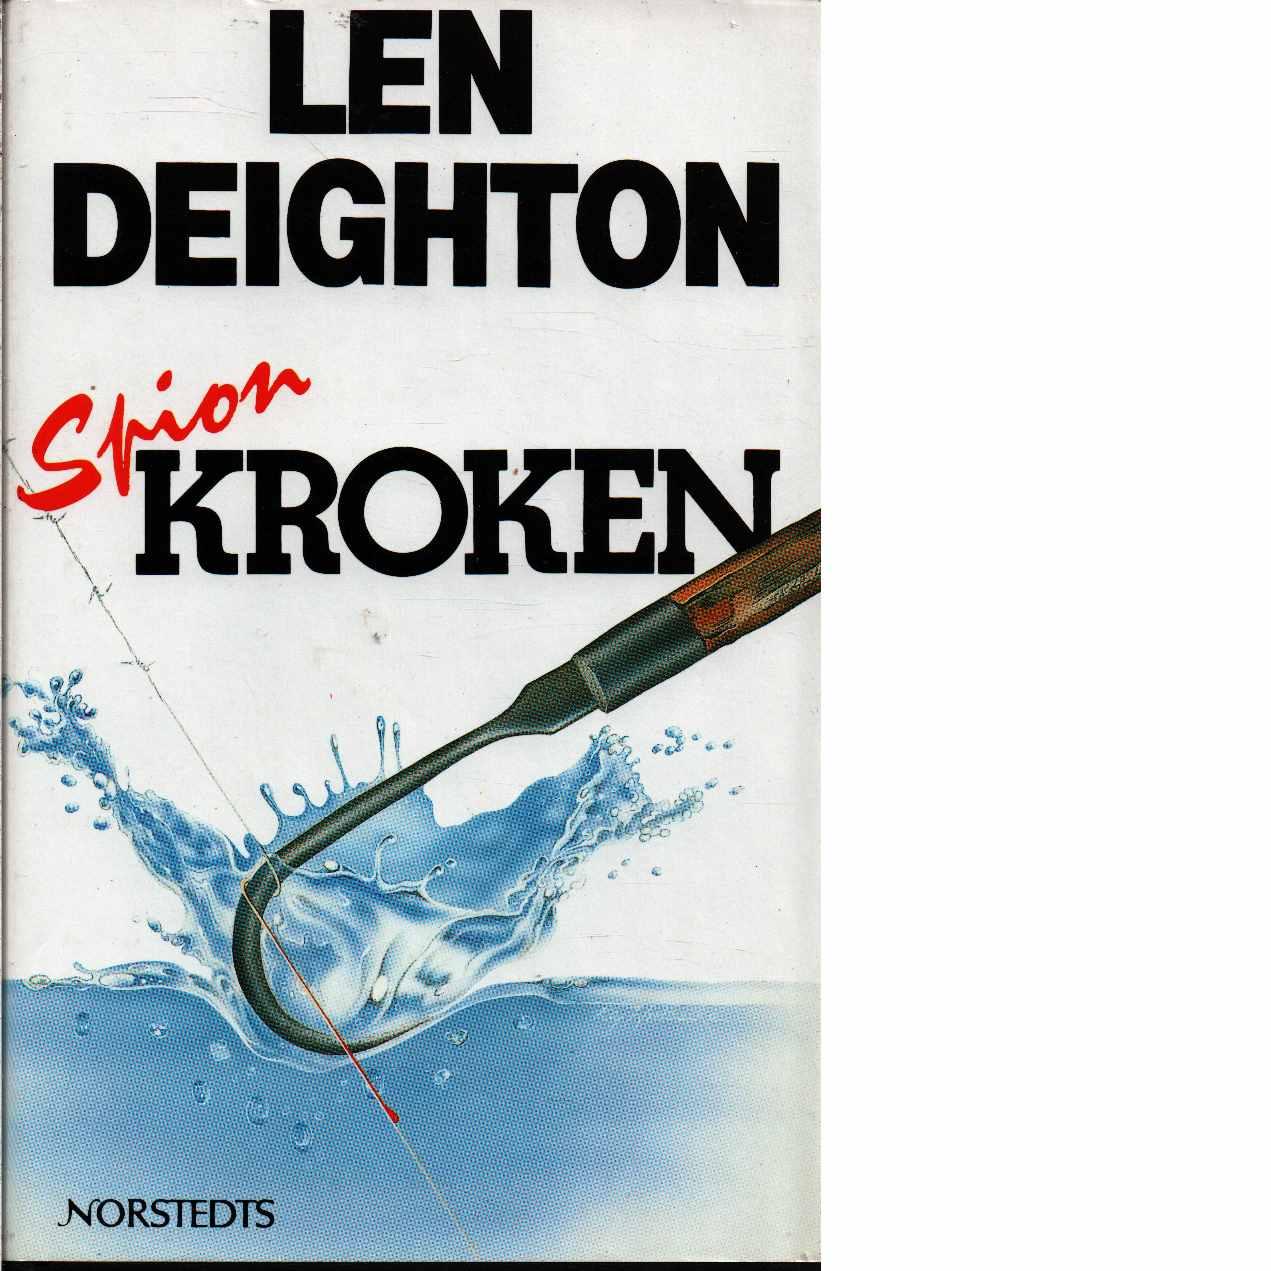 Kroken - Deighton, Len